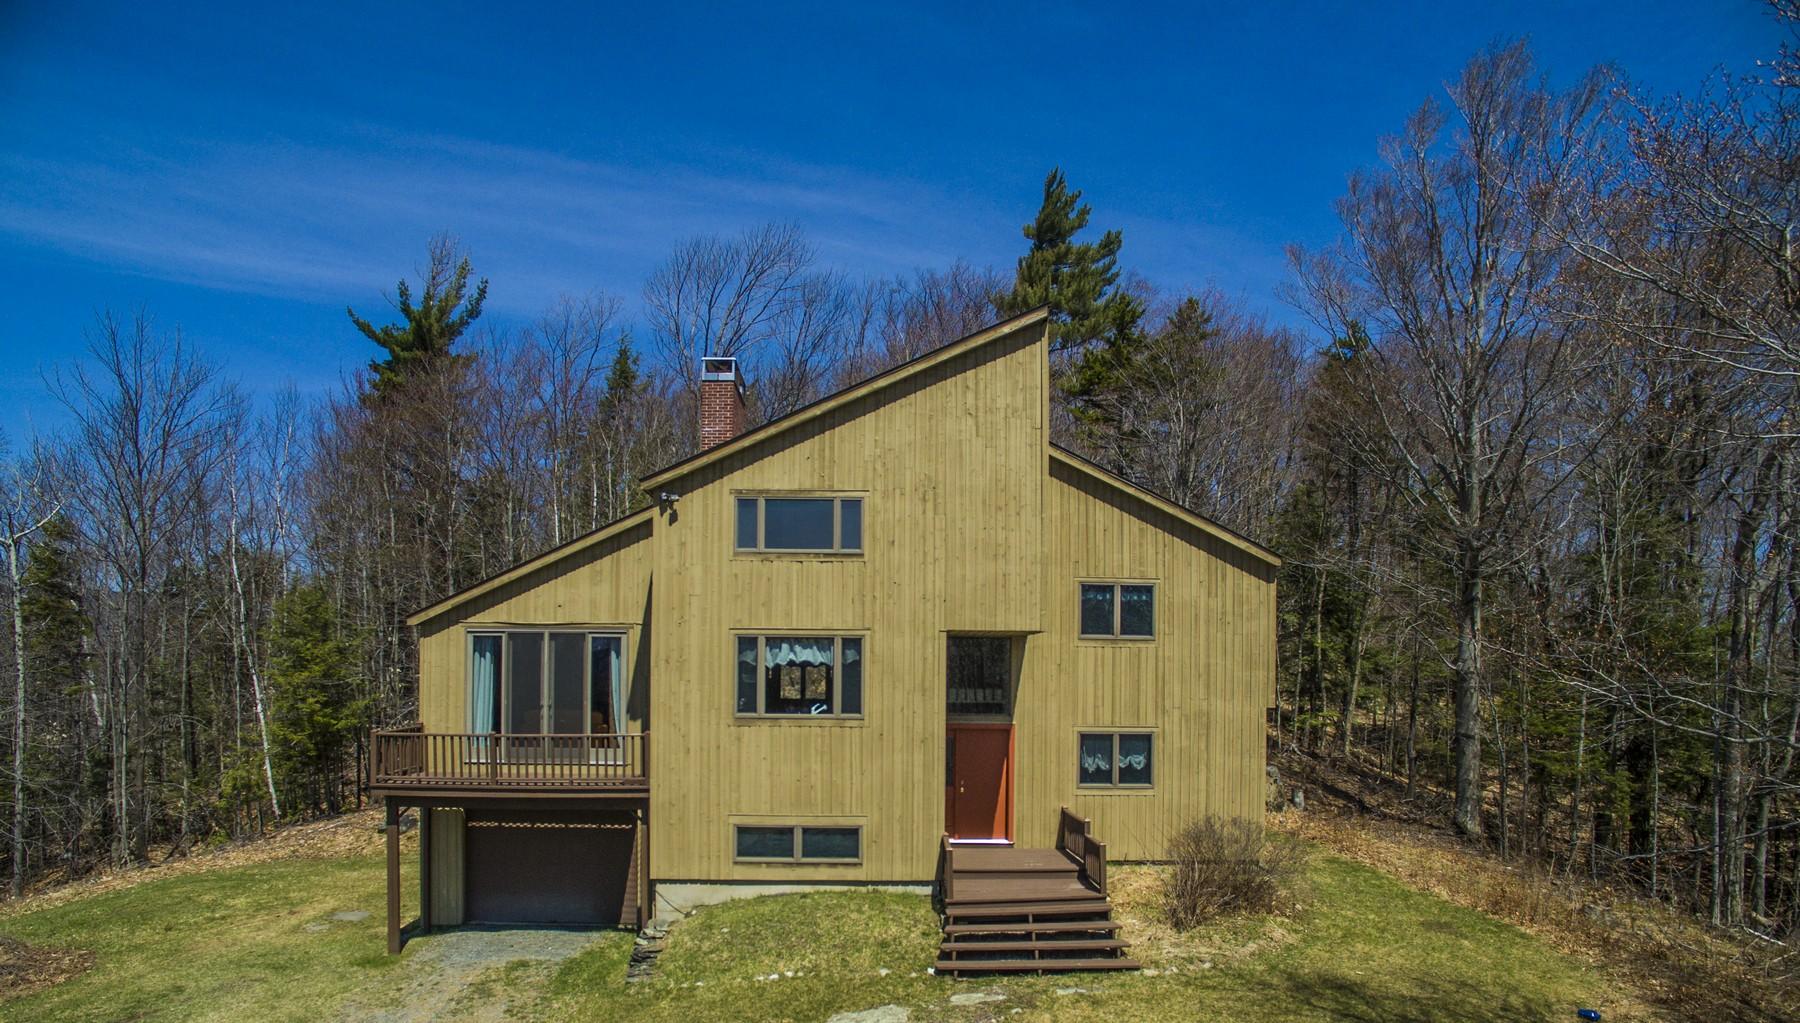 Частный односемейный дом для того Продажа на In The Heart Of Peru 455 Beechwood Ln Peru, Вермонт, 05152 Соединенные Штаты